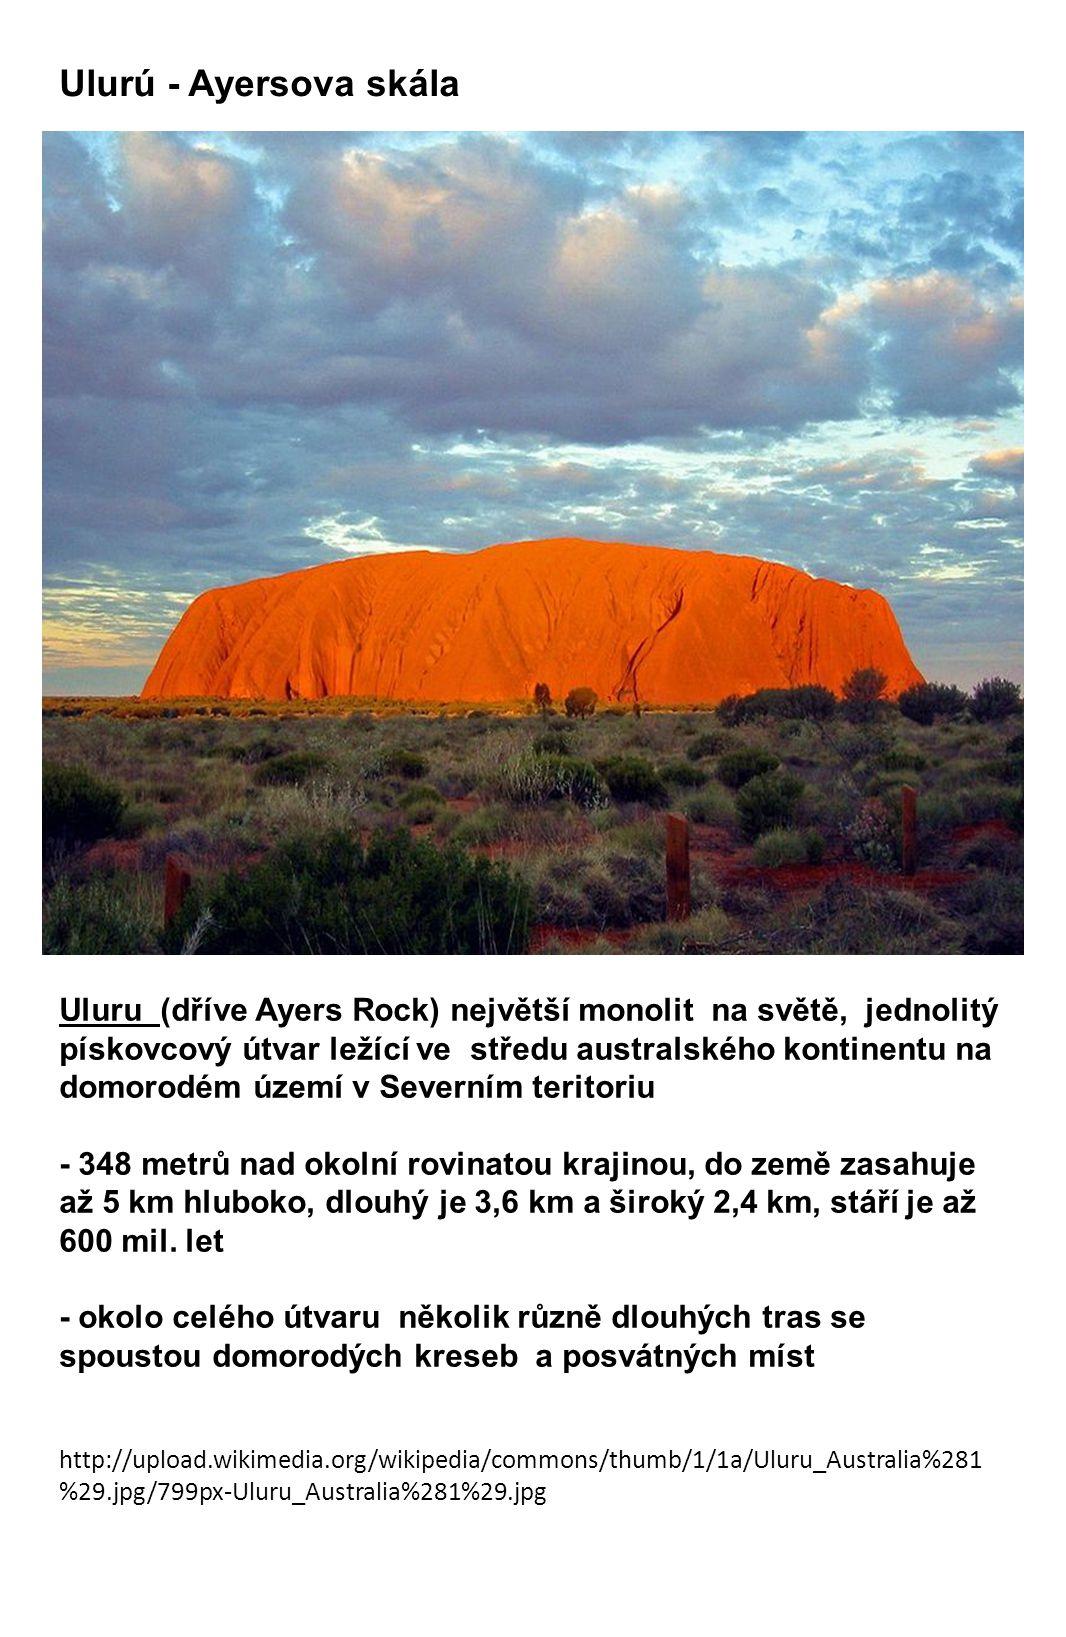 Uluru (dříve Ayers Rock) největší monolit na světě, jednolitý pískovcový útvar ležící ve středu australského kontinentu na domorodém území v Severním